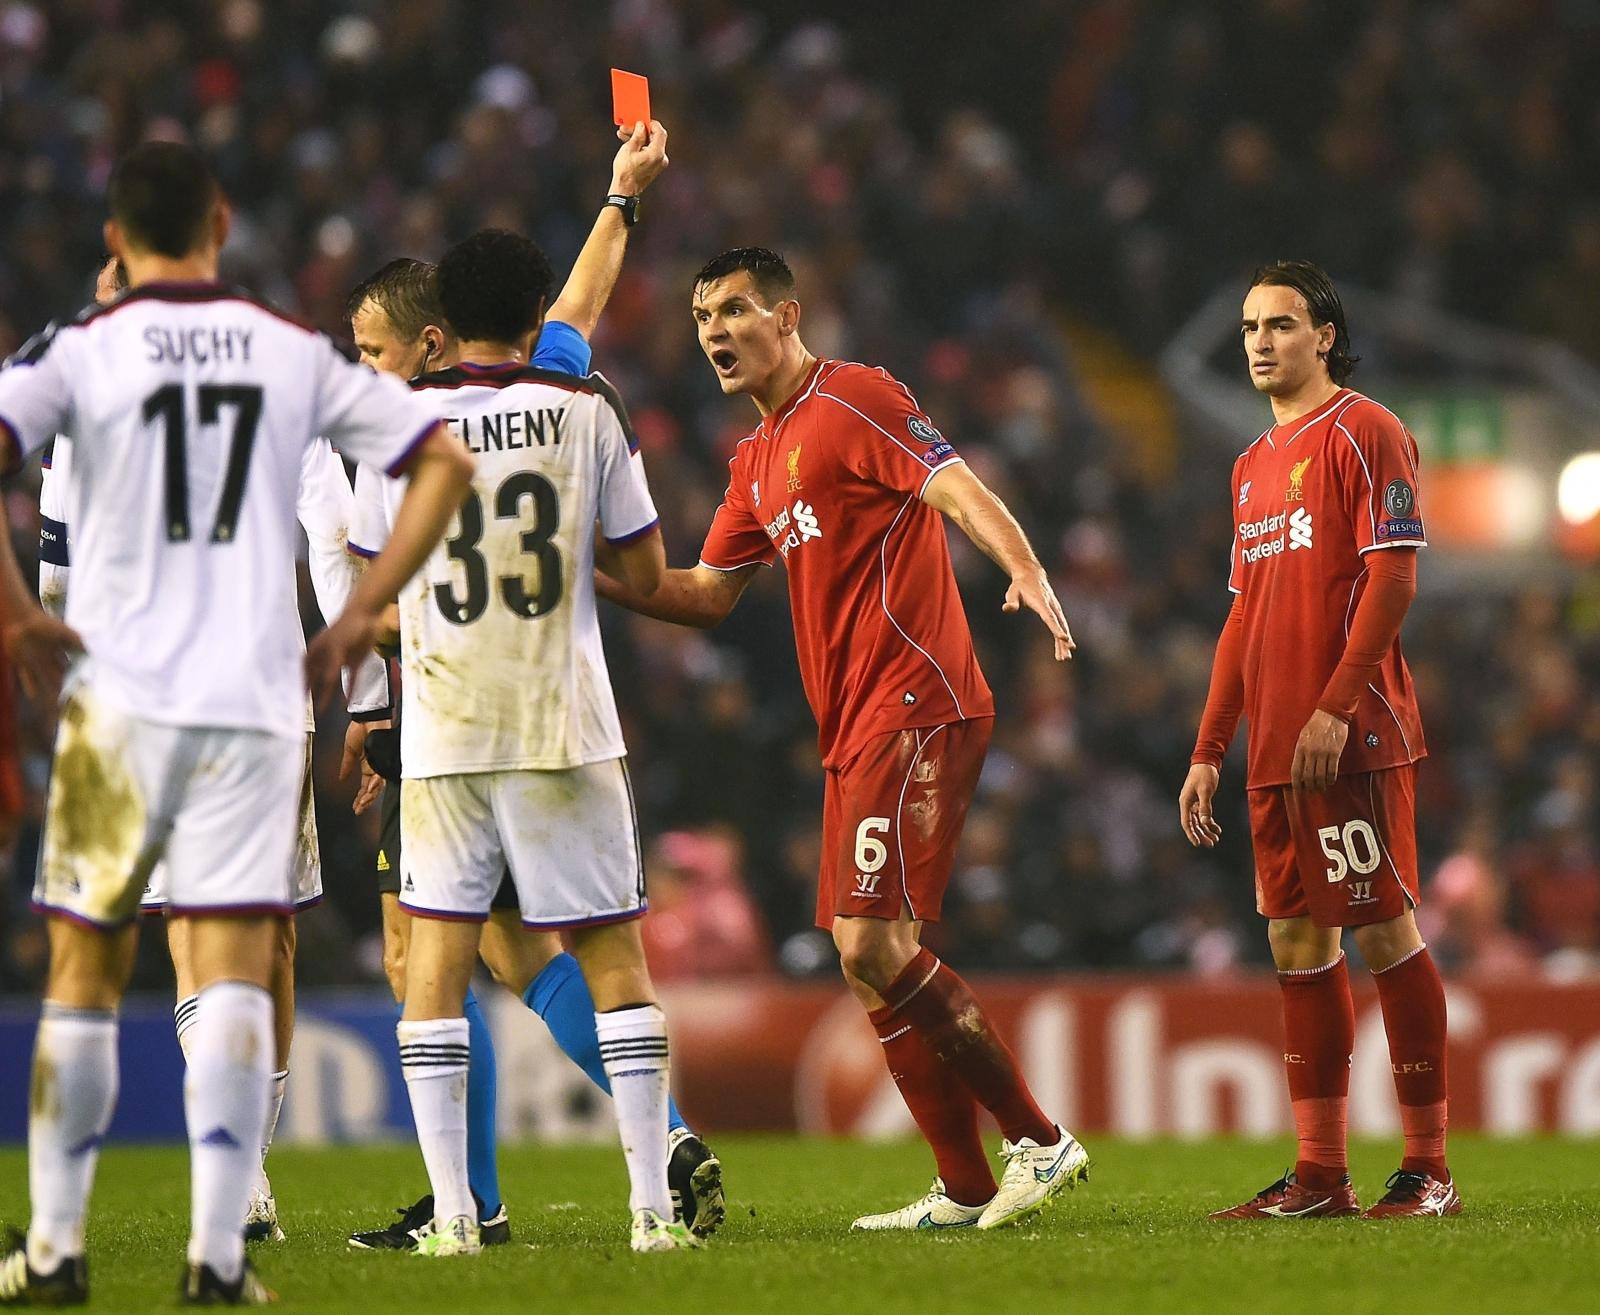 Trọng tài bắt bán kết Cúp C1 mang điềm lành cho Liverpool, mang điềm dữ cho Barca